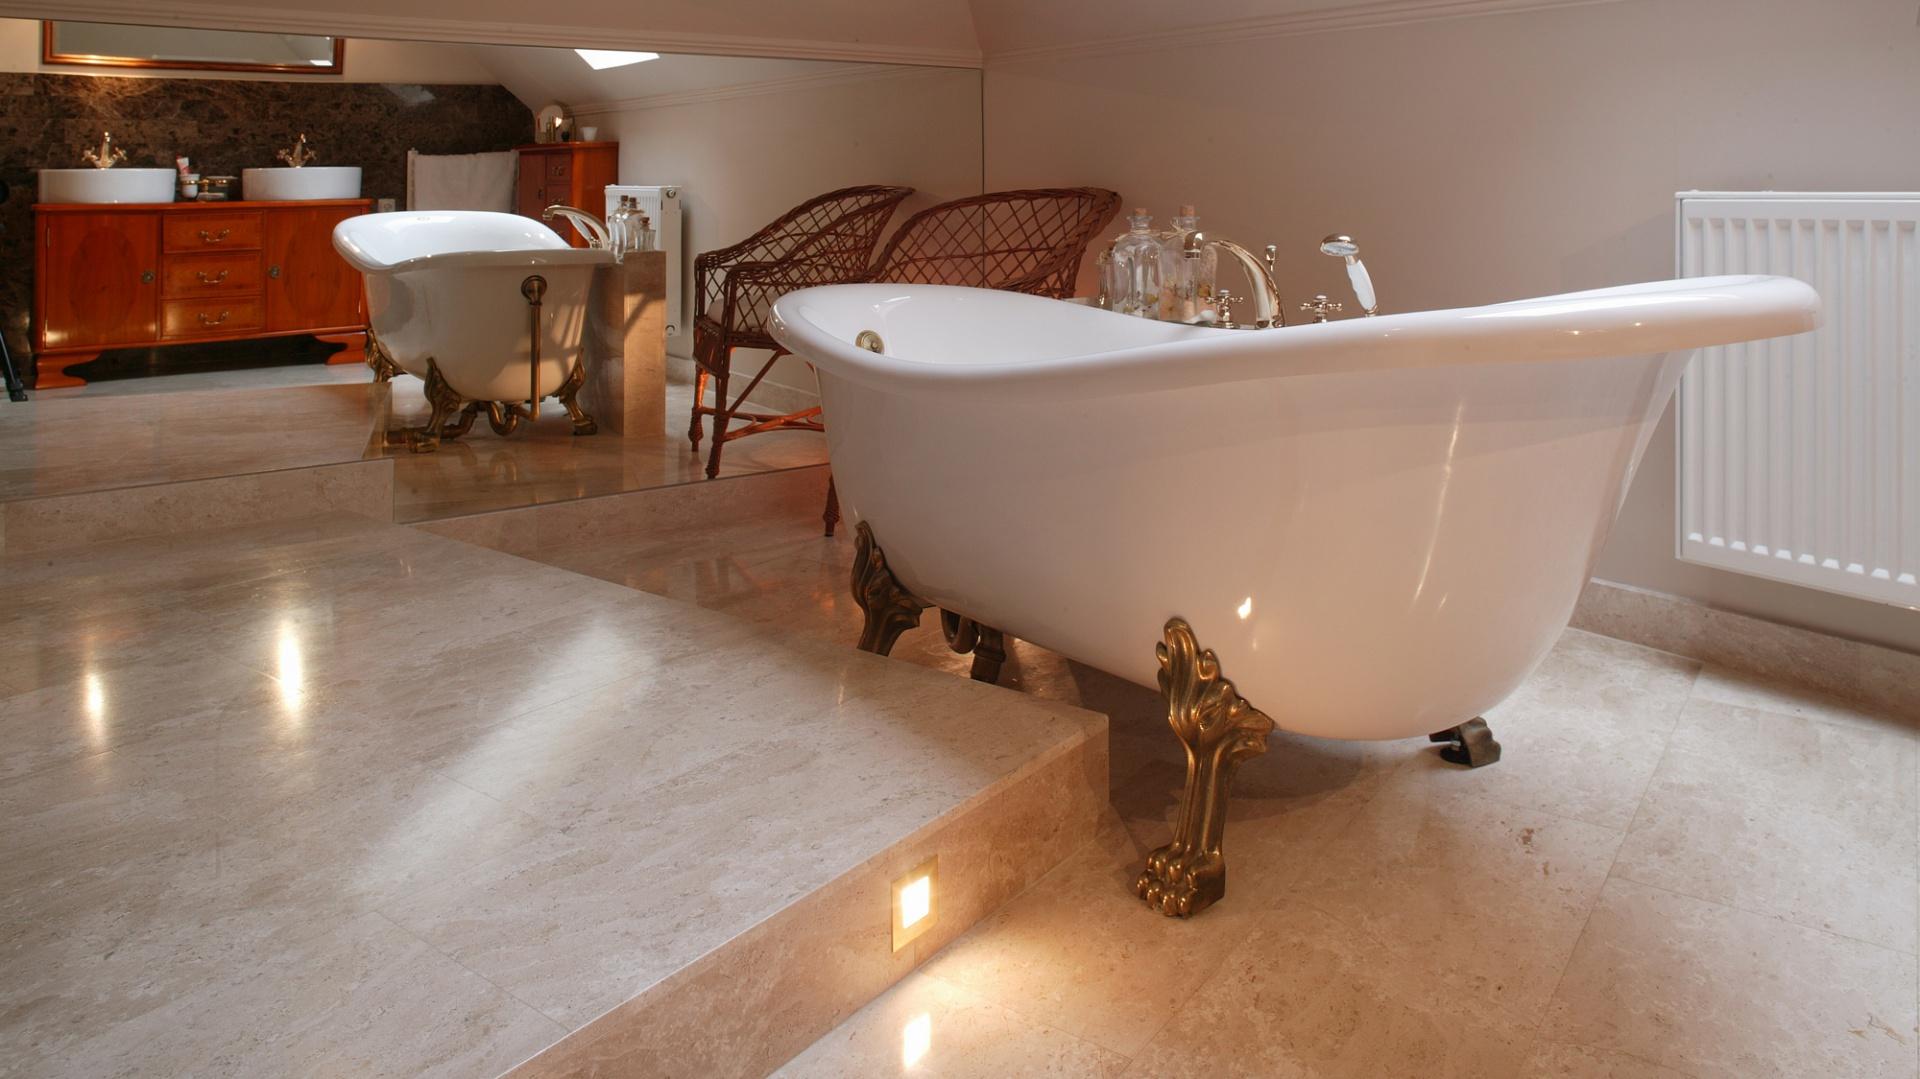 Łazienka stanowi stylistyczną kontynuację aranżacji sypialni. W obu pomieszczeniach znajdują się wykonane na zamówienie meble w stylu art déco. Fot. Tomasz Markowski.